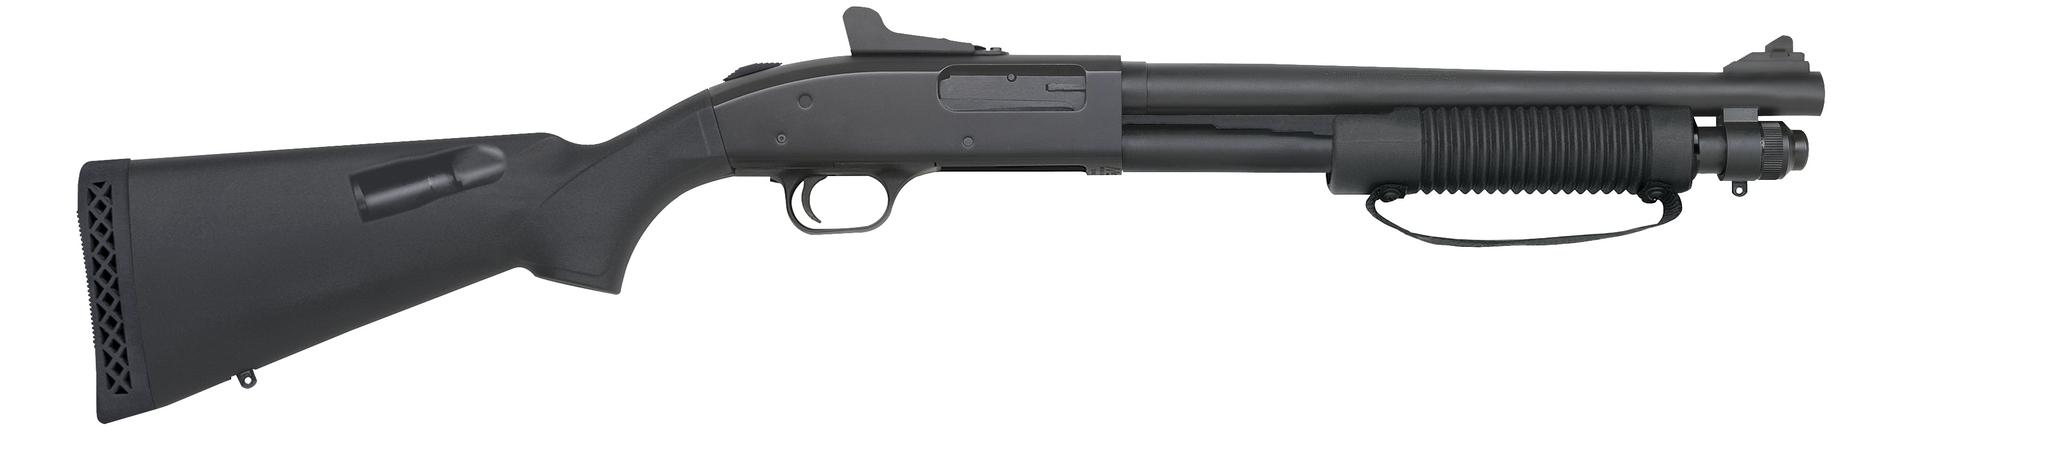 Mossberg 590A1 12 GAUGE